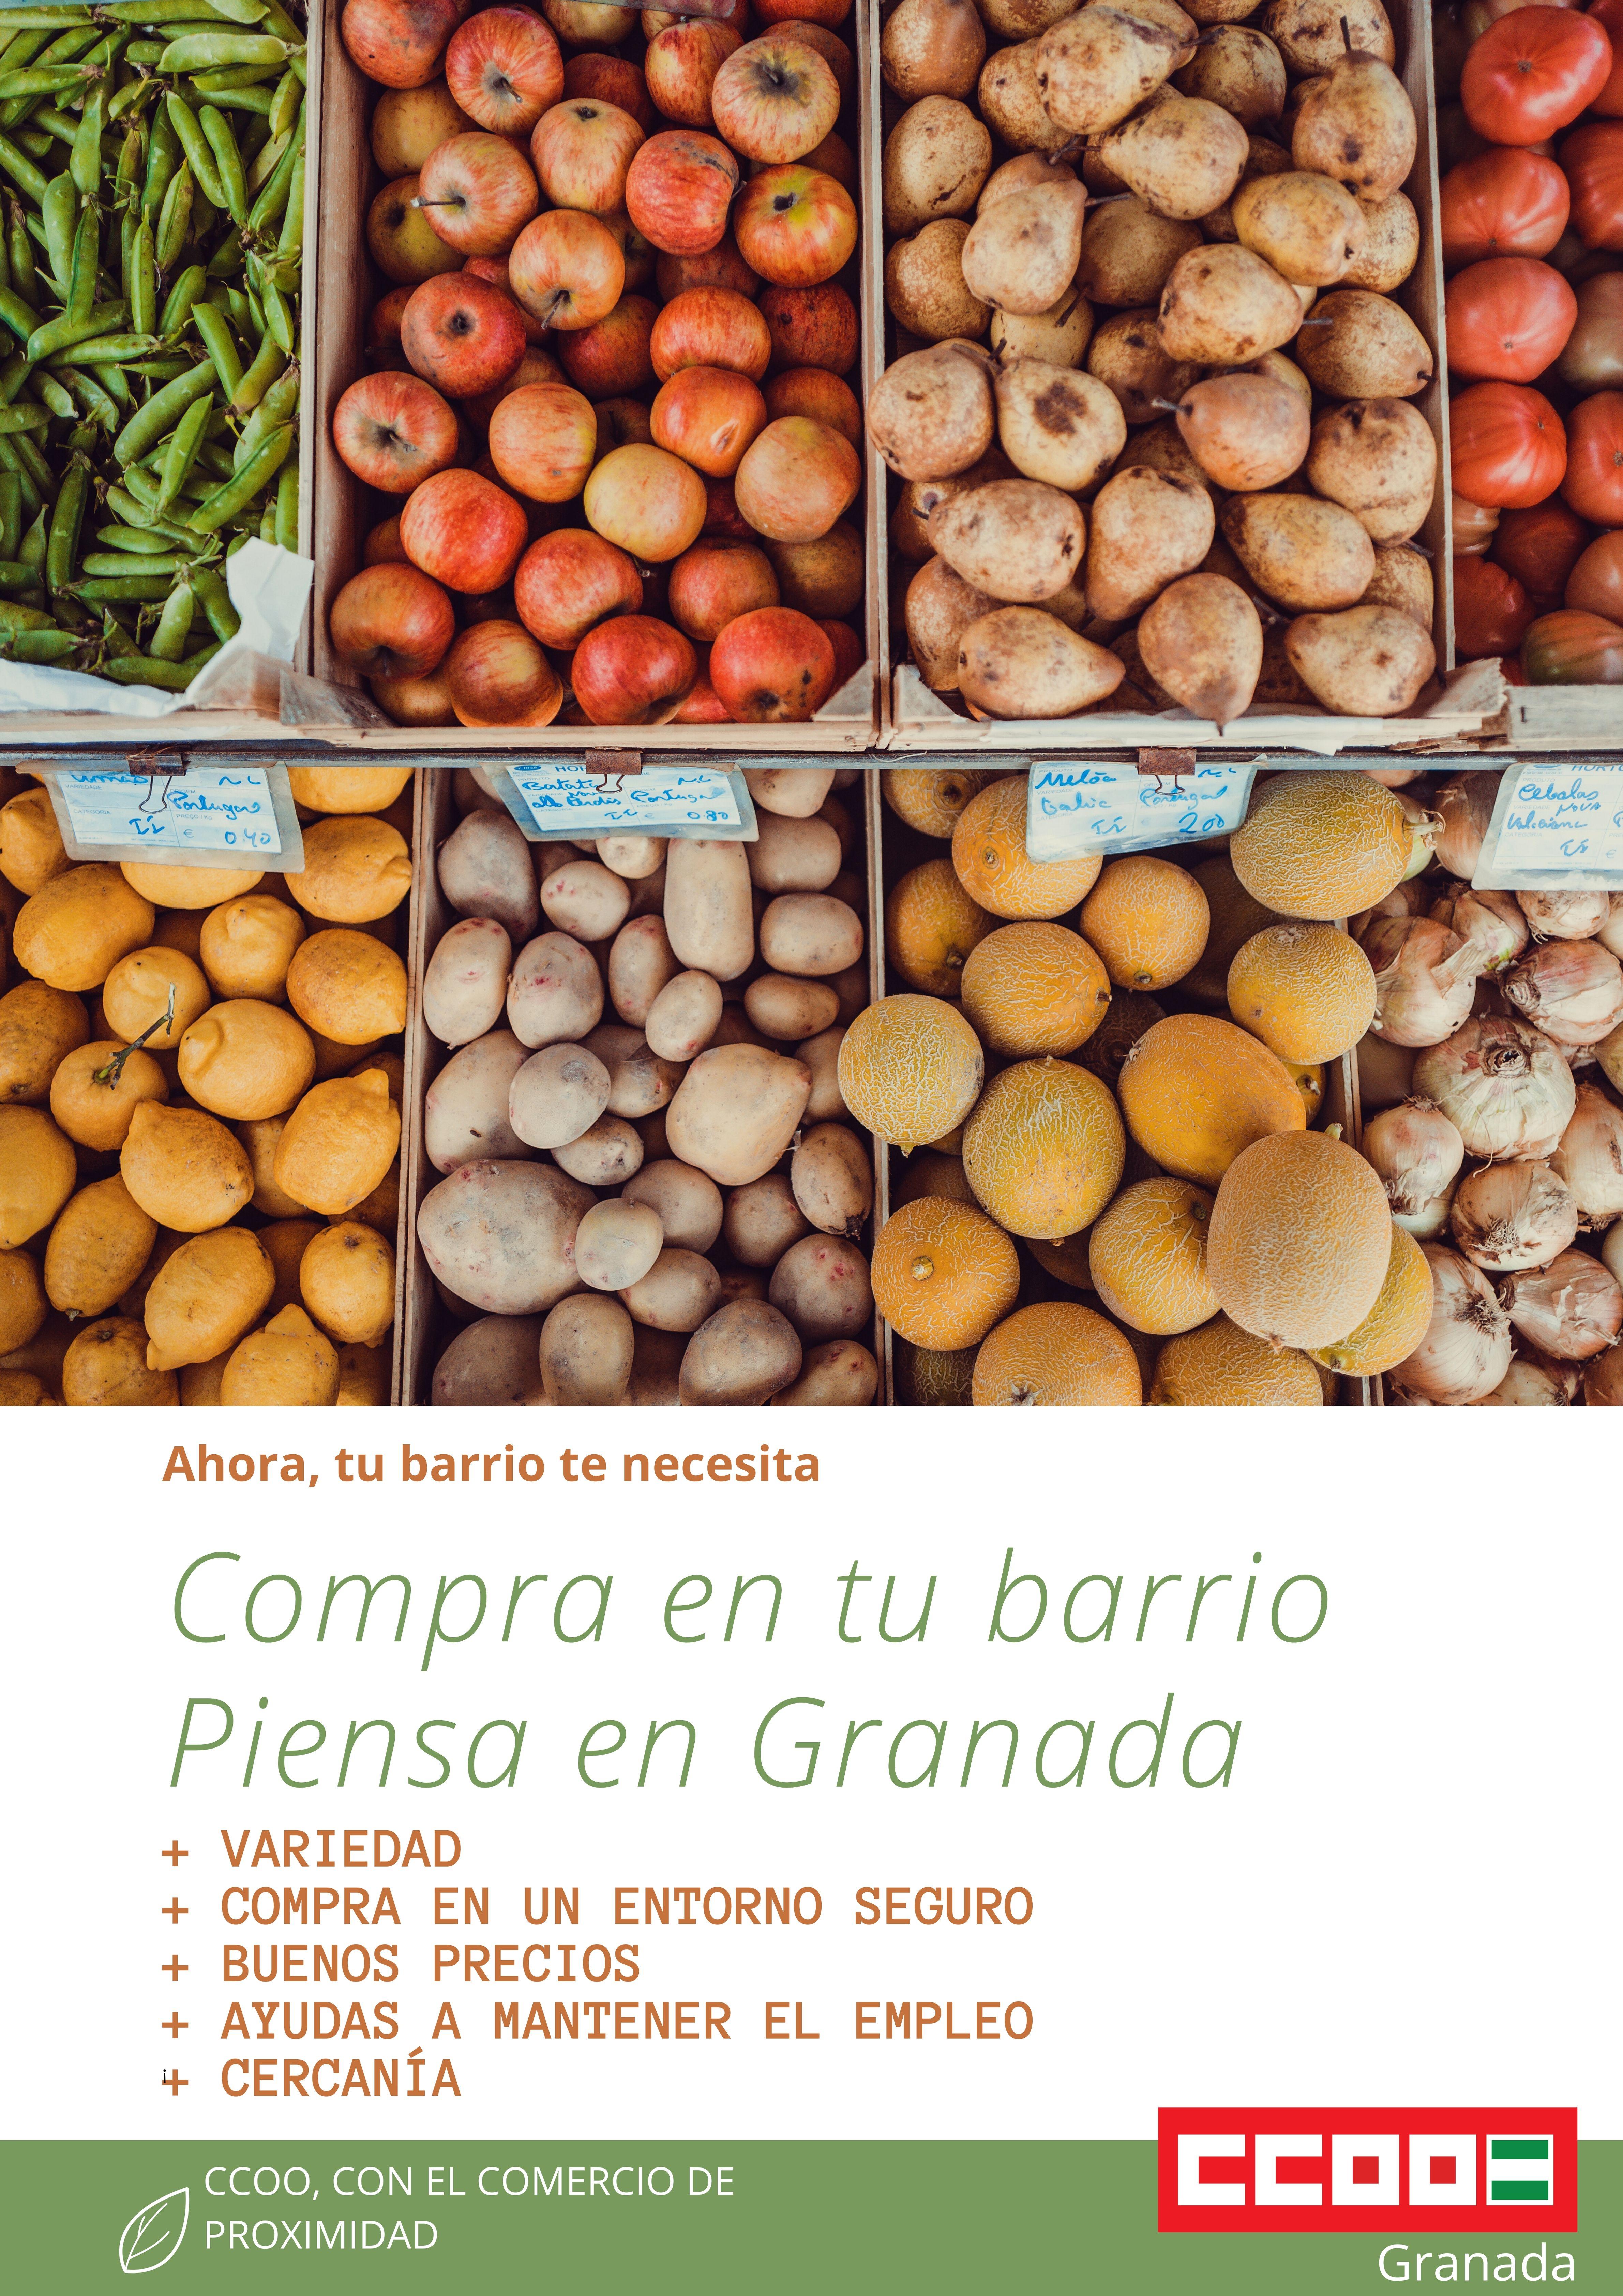 Campaña de CCOO para apoyar el comercio local y reactivar la economía